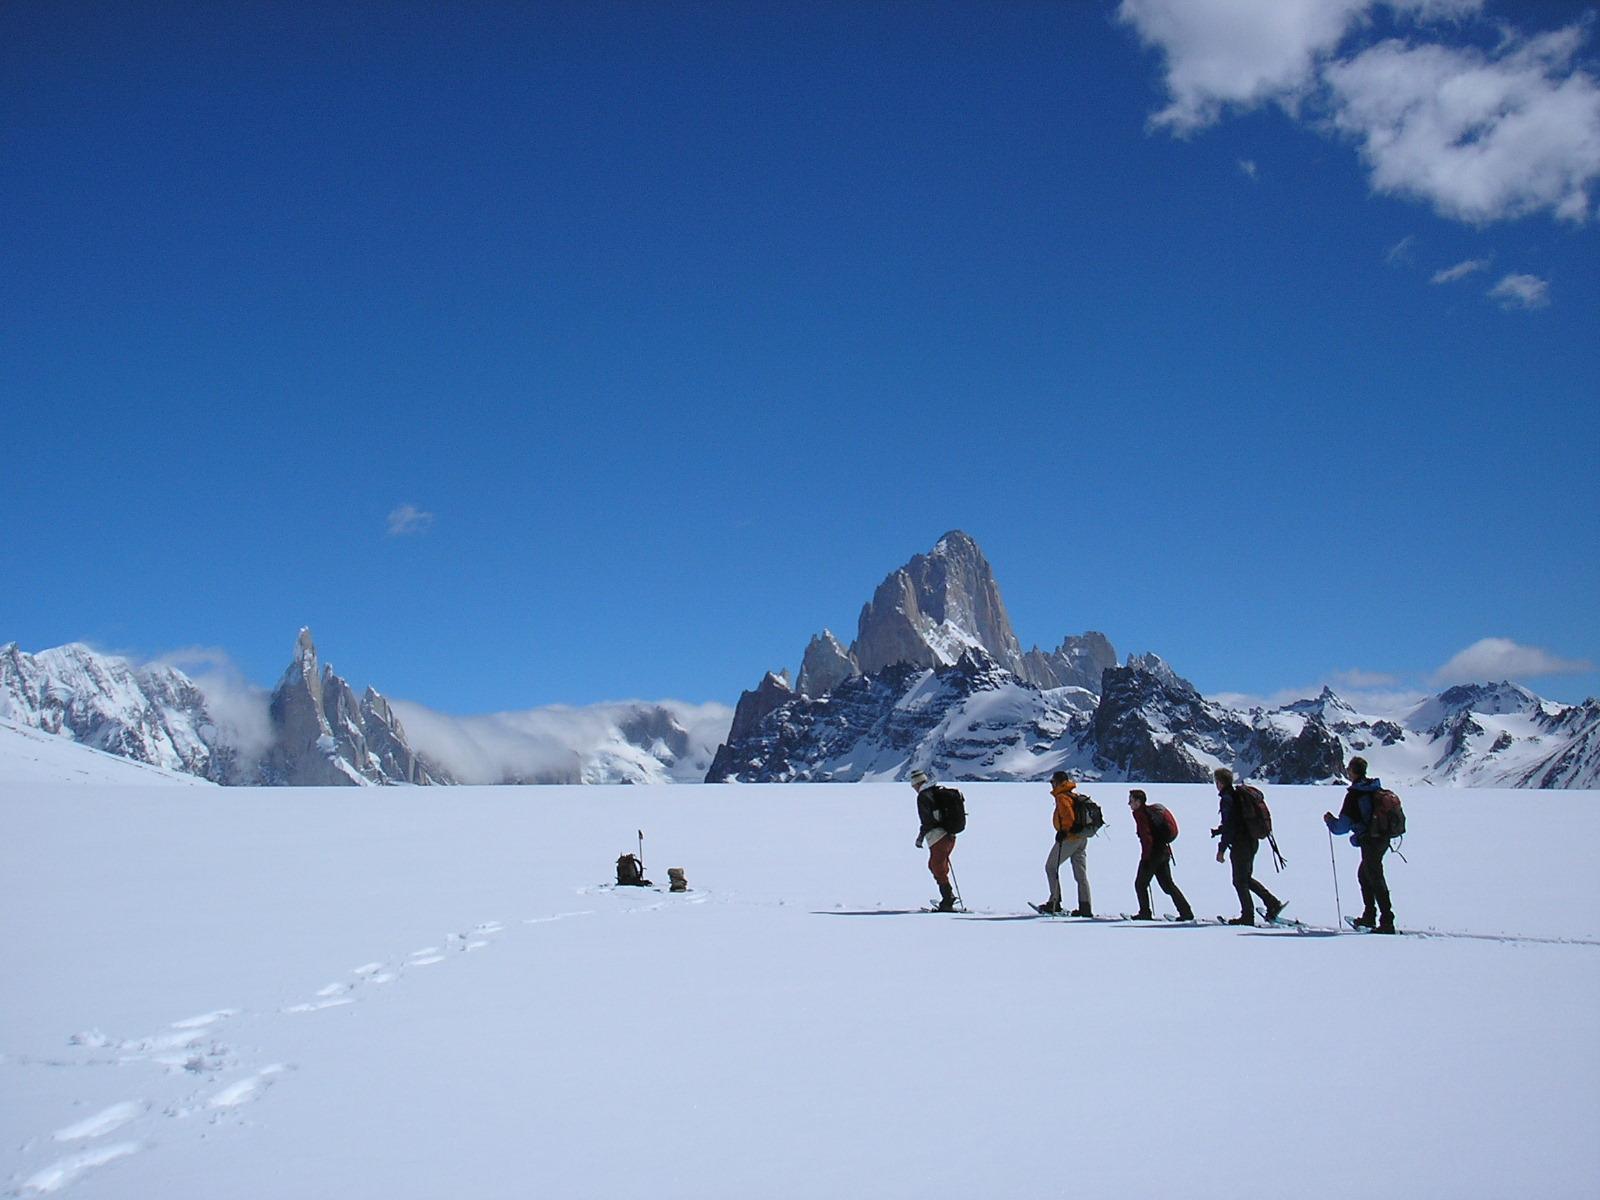 mensen op sneeuwvlakte